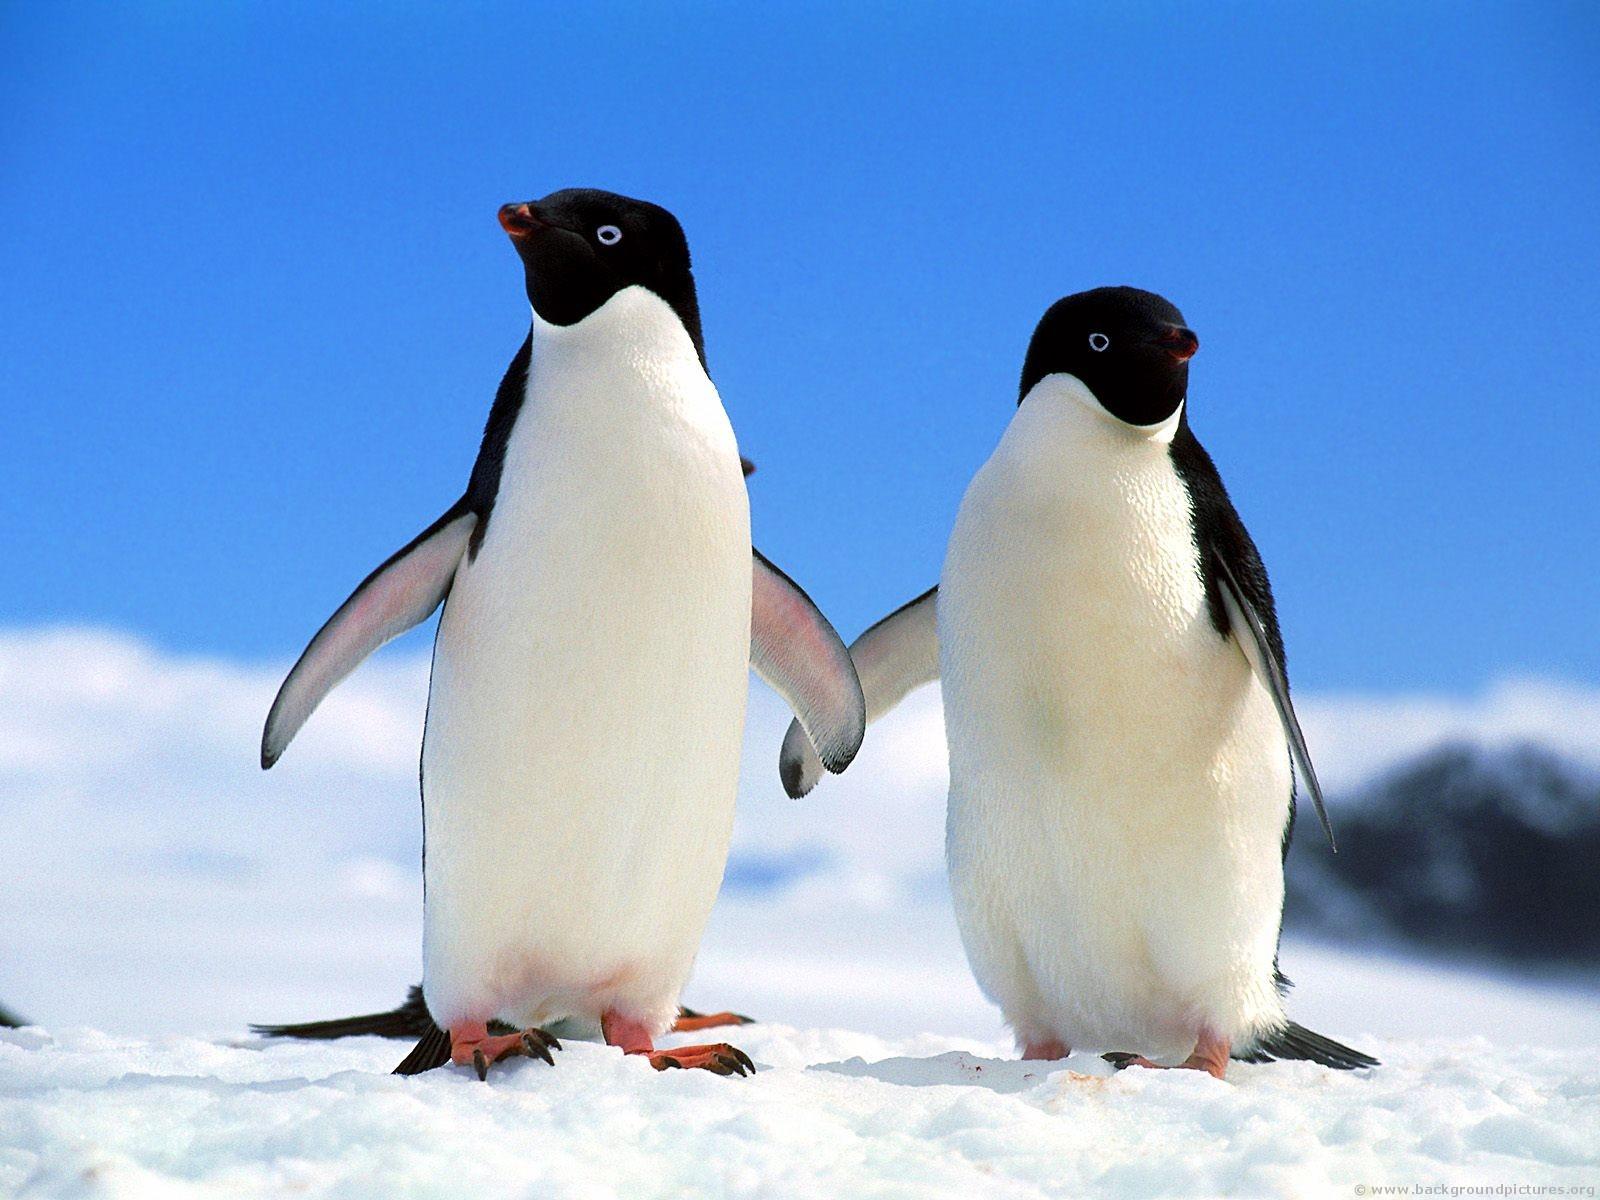 Two frands Adelie Penguins